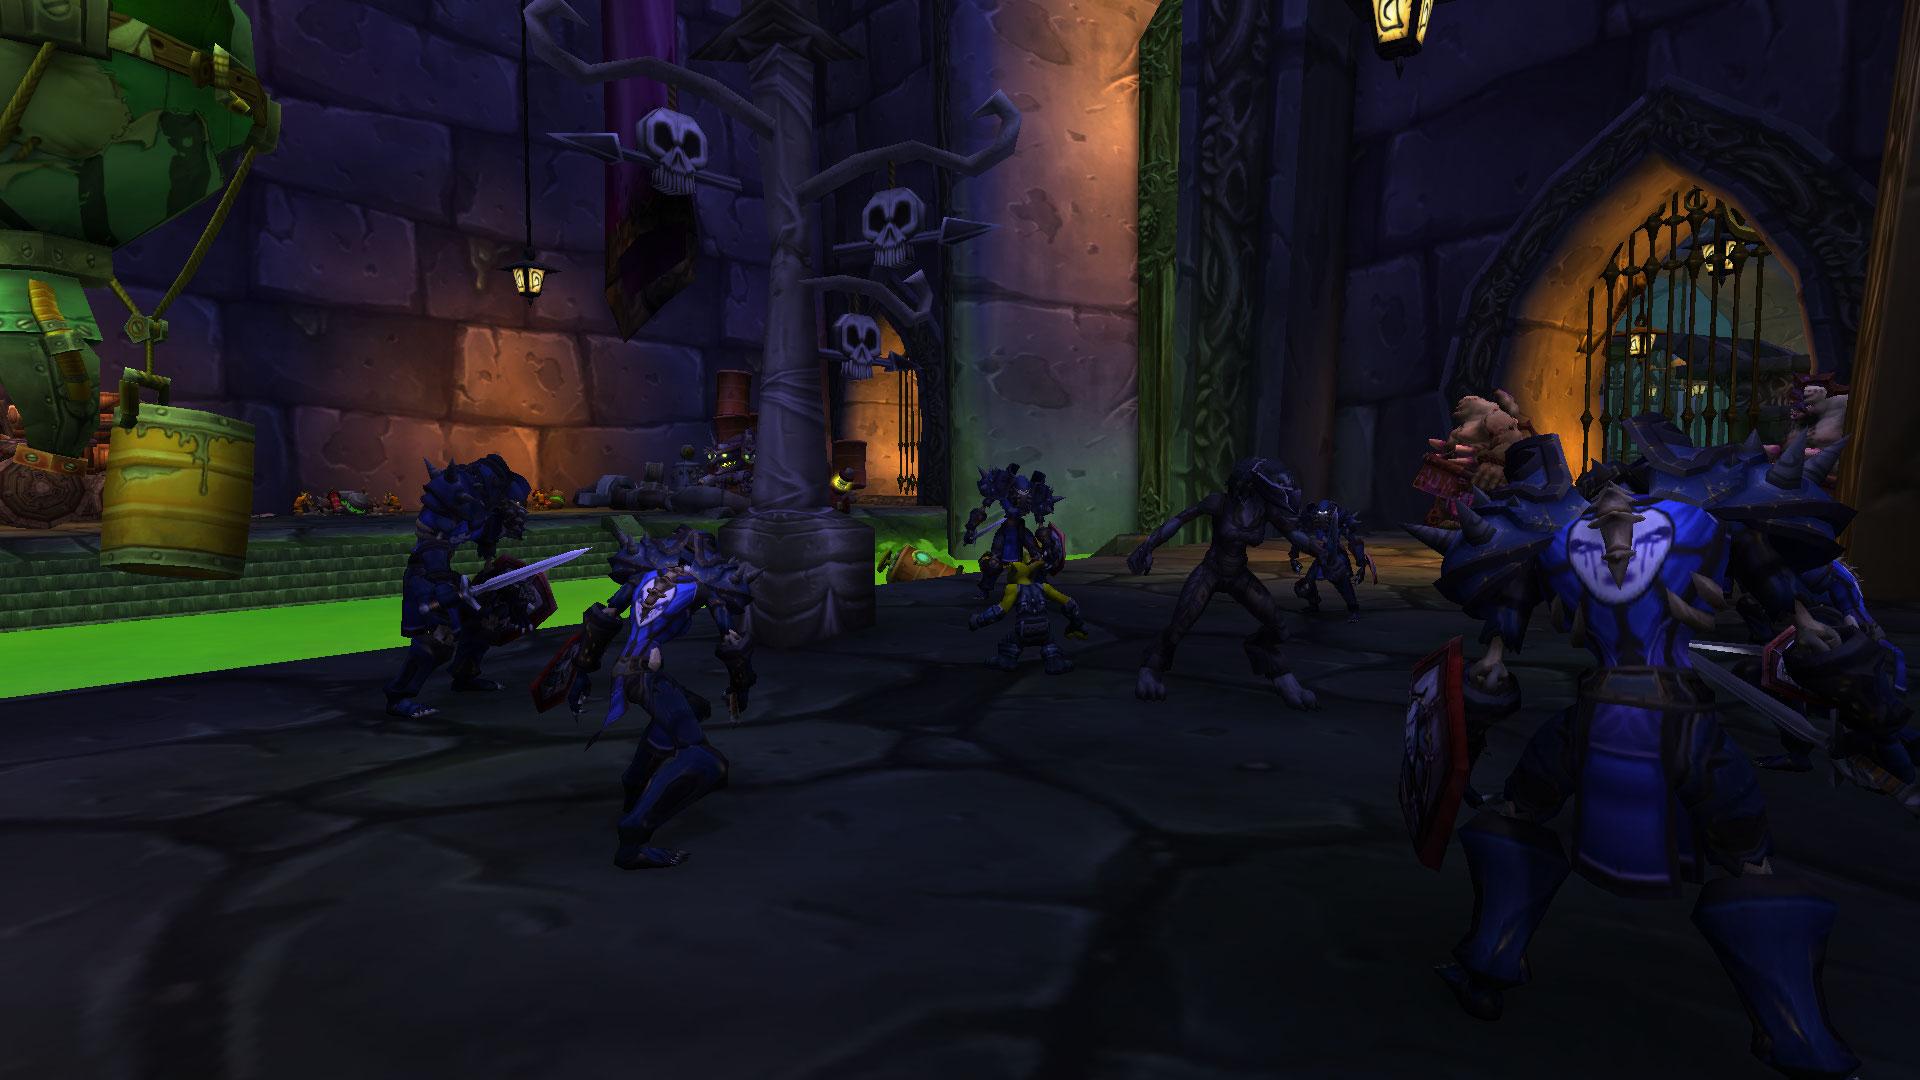 Les espions de l'Alliance parviennent à obtenir l'information qu'ils cherchent et s'enfuient